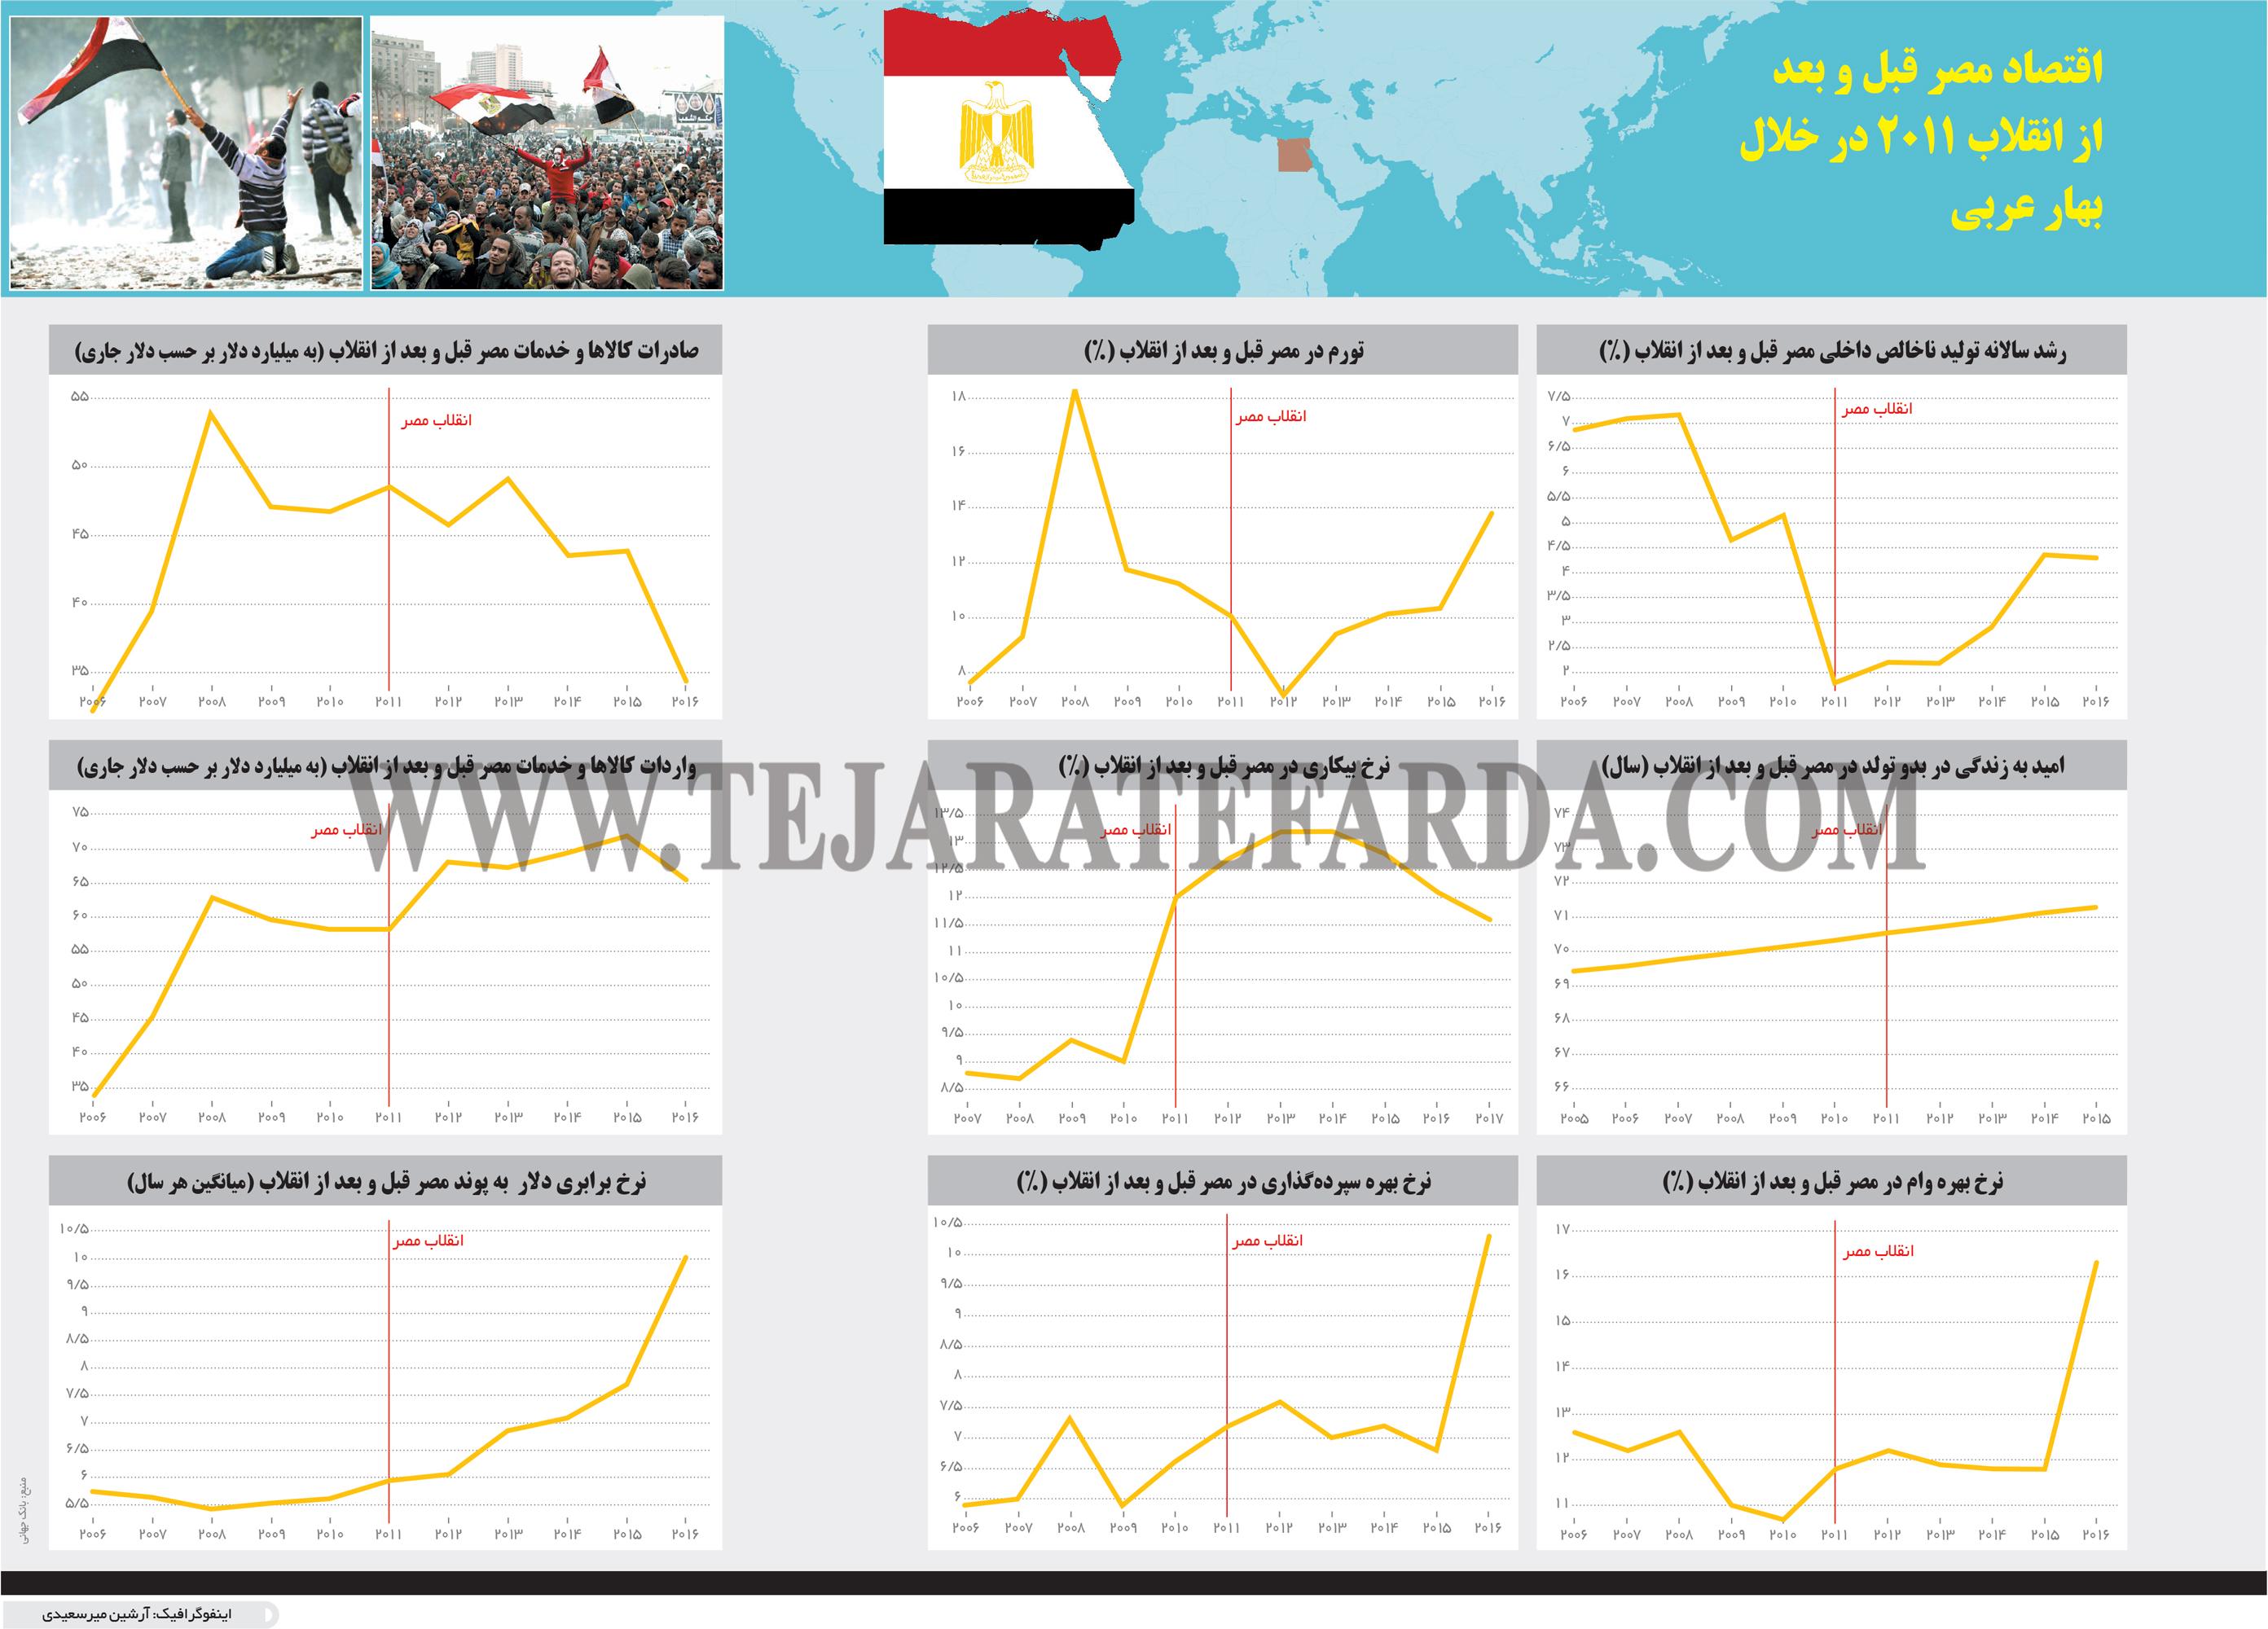 تجارت- فردا- اقتصاد مصر قبل و بعد از انقلاب 2011 در خلال بهار عربی